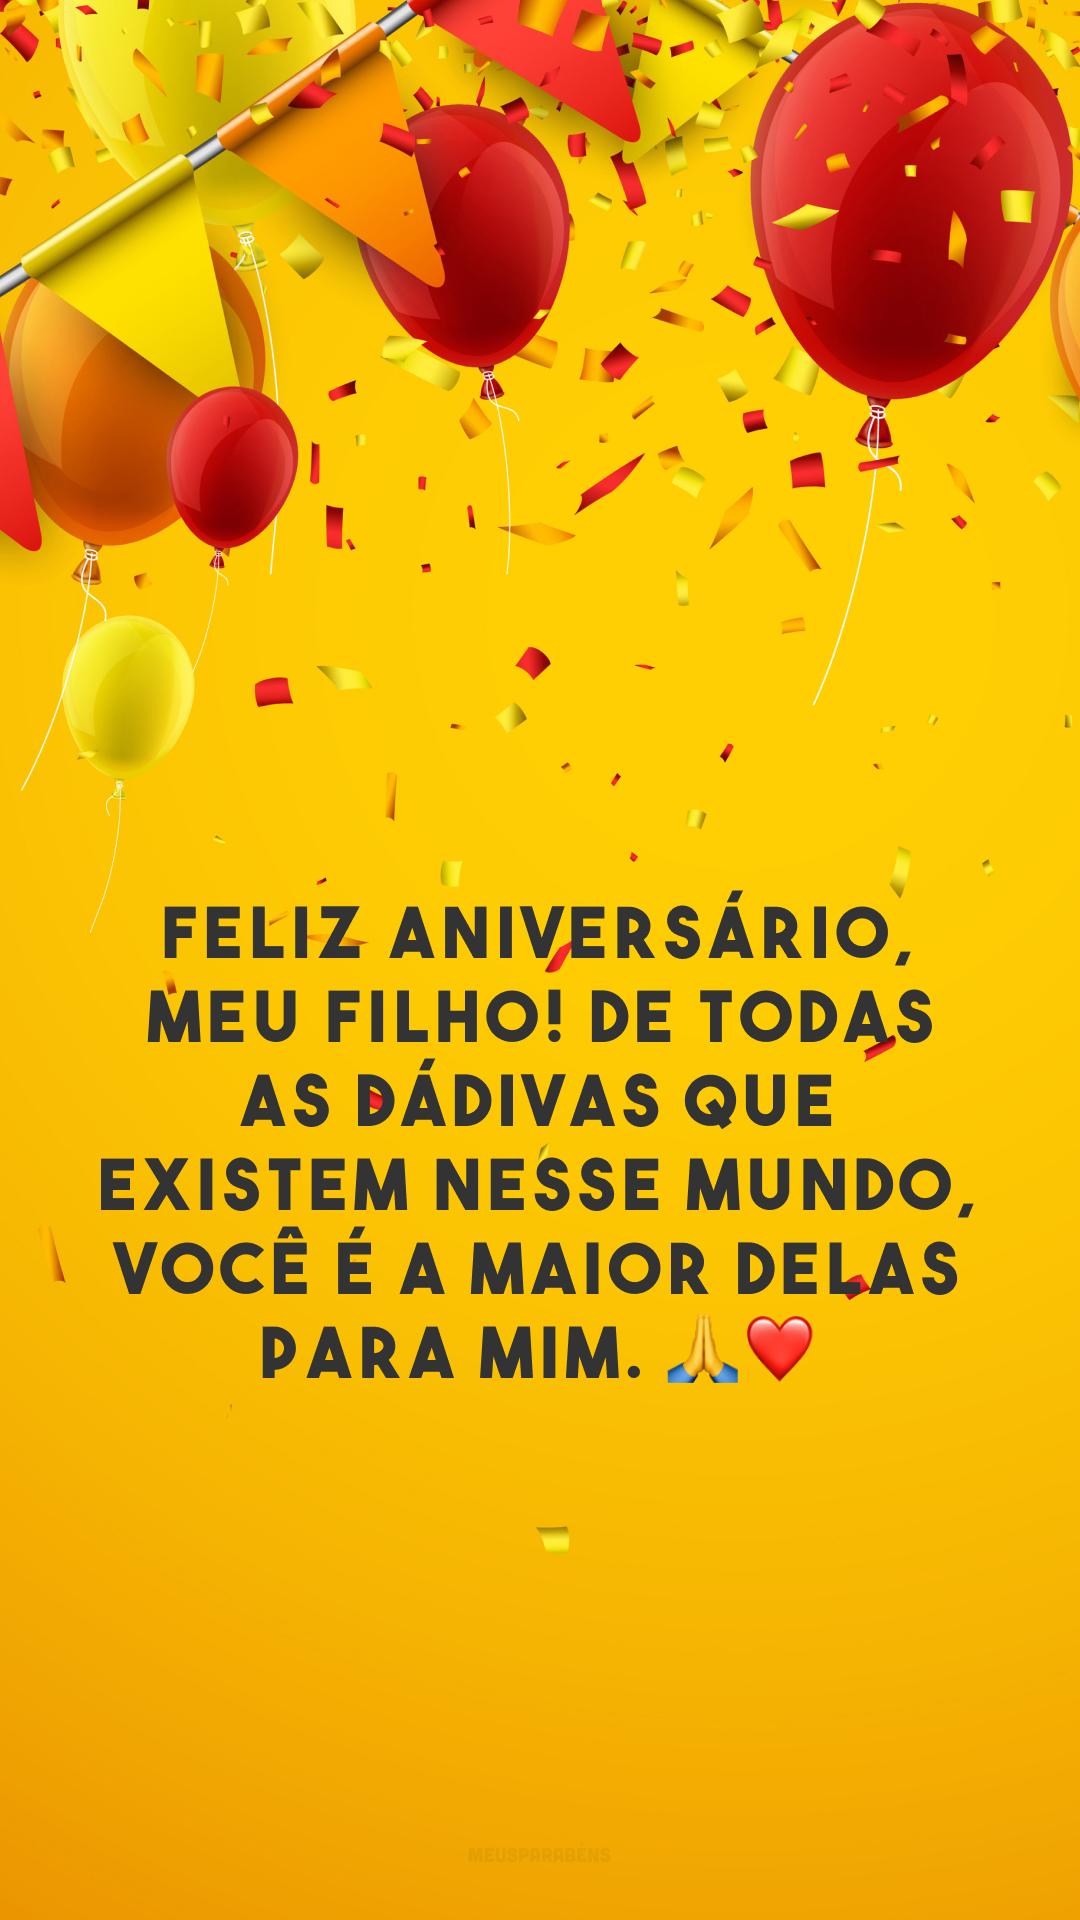 Feliz aniversário, meu filho! De todas as dádivas que existem nesse mundo, você é a maior delas para mim. 🙏❤️